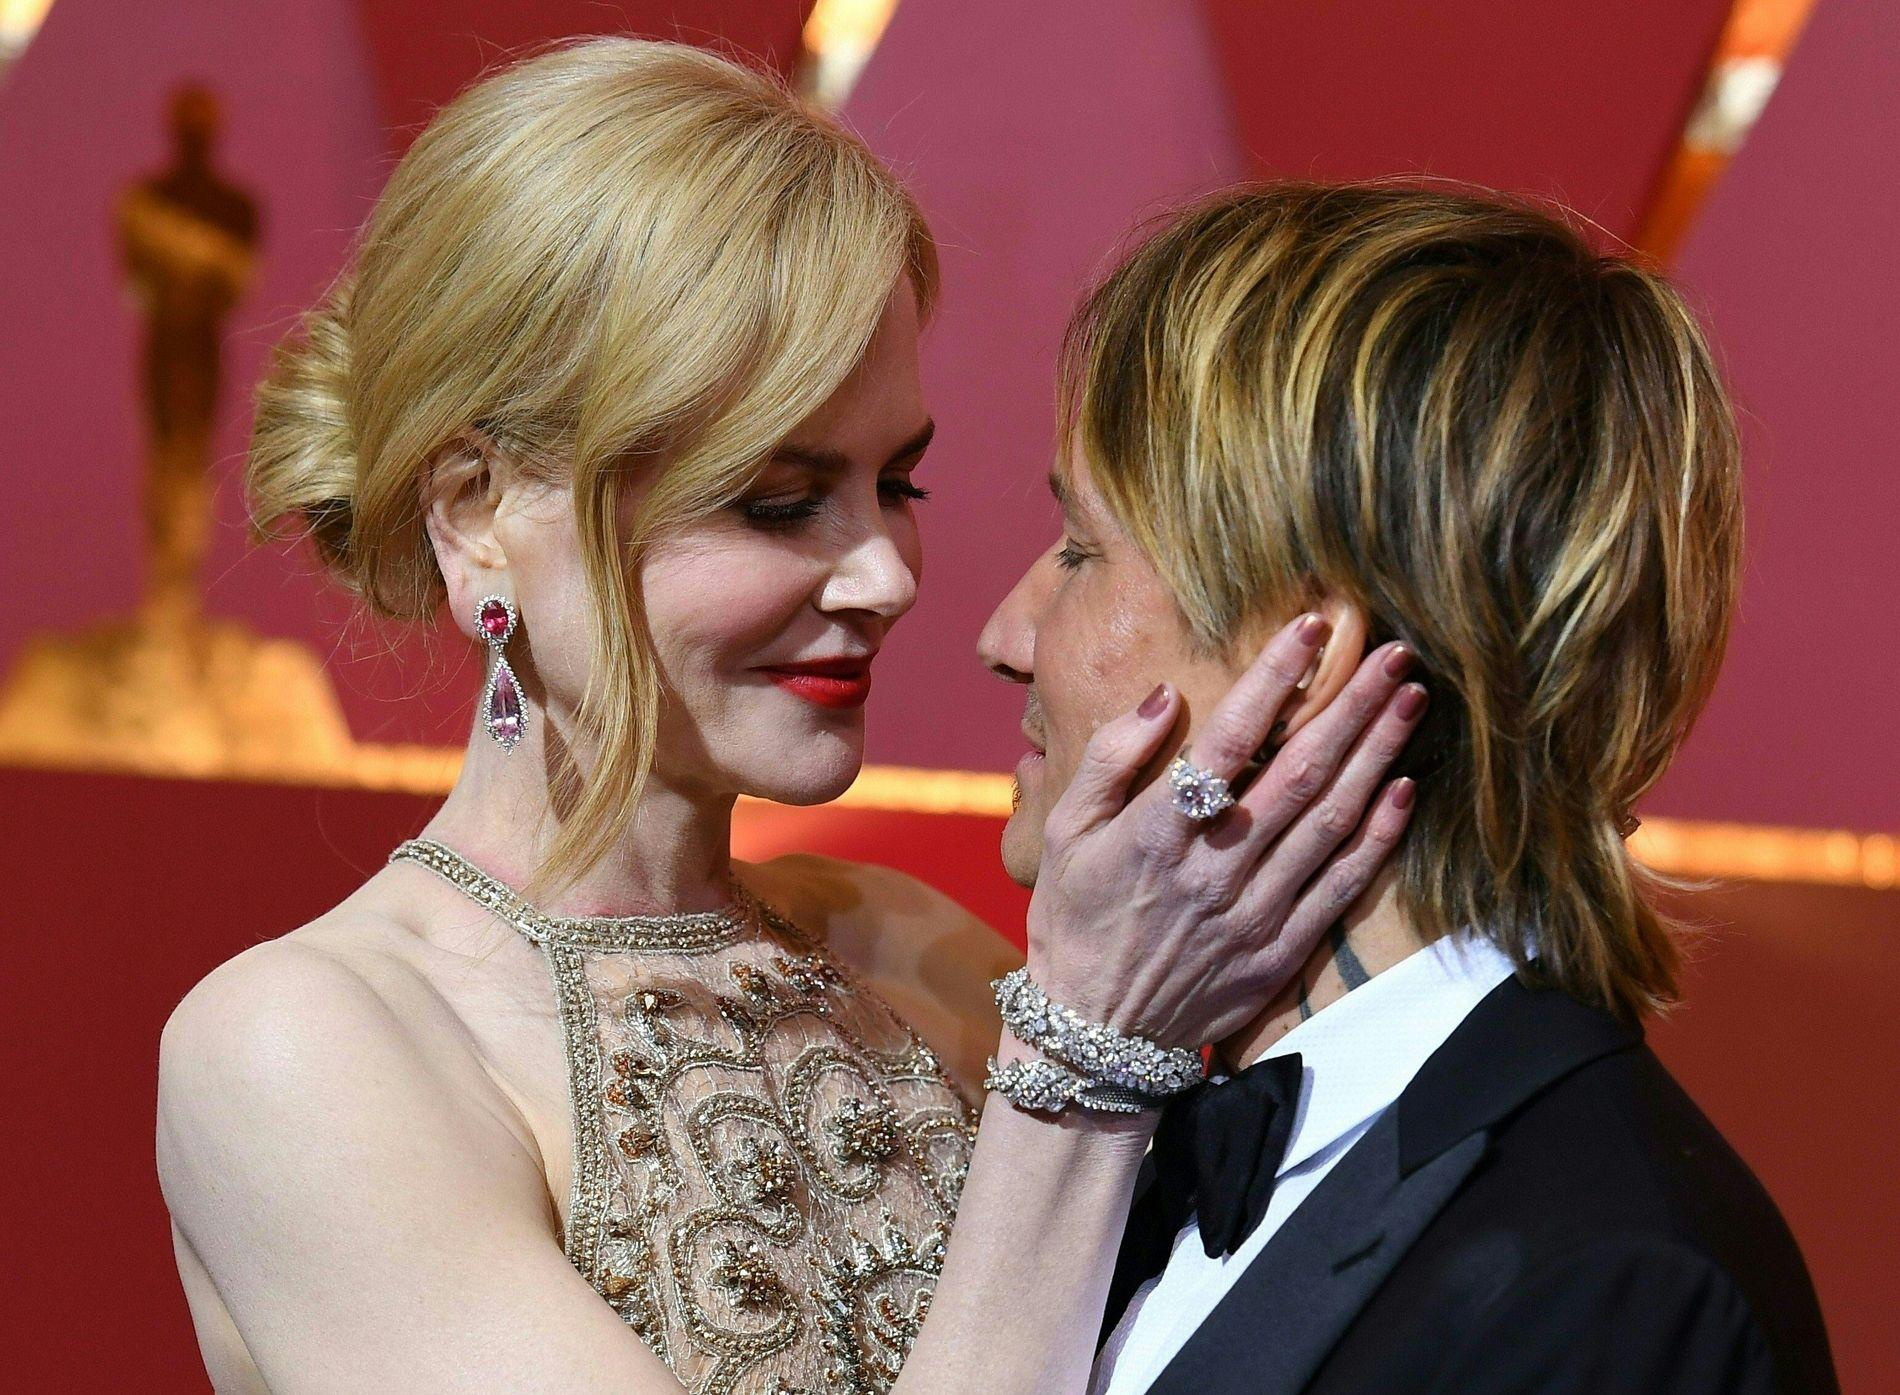 PRISNOMINERT: Nicole Kidman med ektemannen Keith Urban på den røde Oscar-løperen i februar. Hun var nominert i kategorien Beste kvinnelige birolle for «Lion».